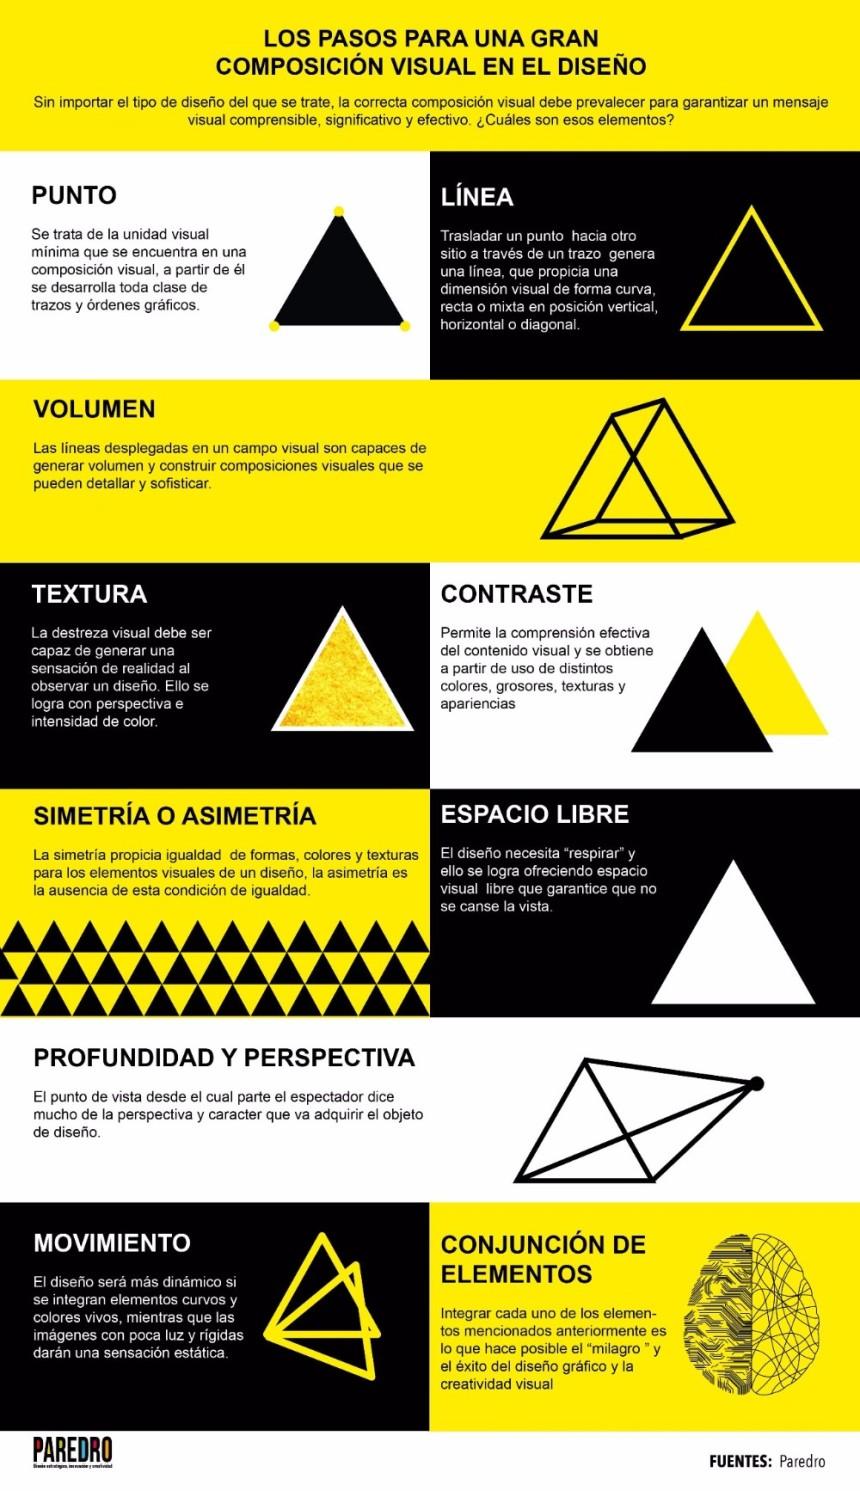 Pasos para una mejor composición visual